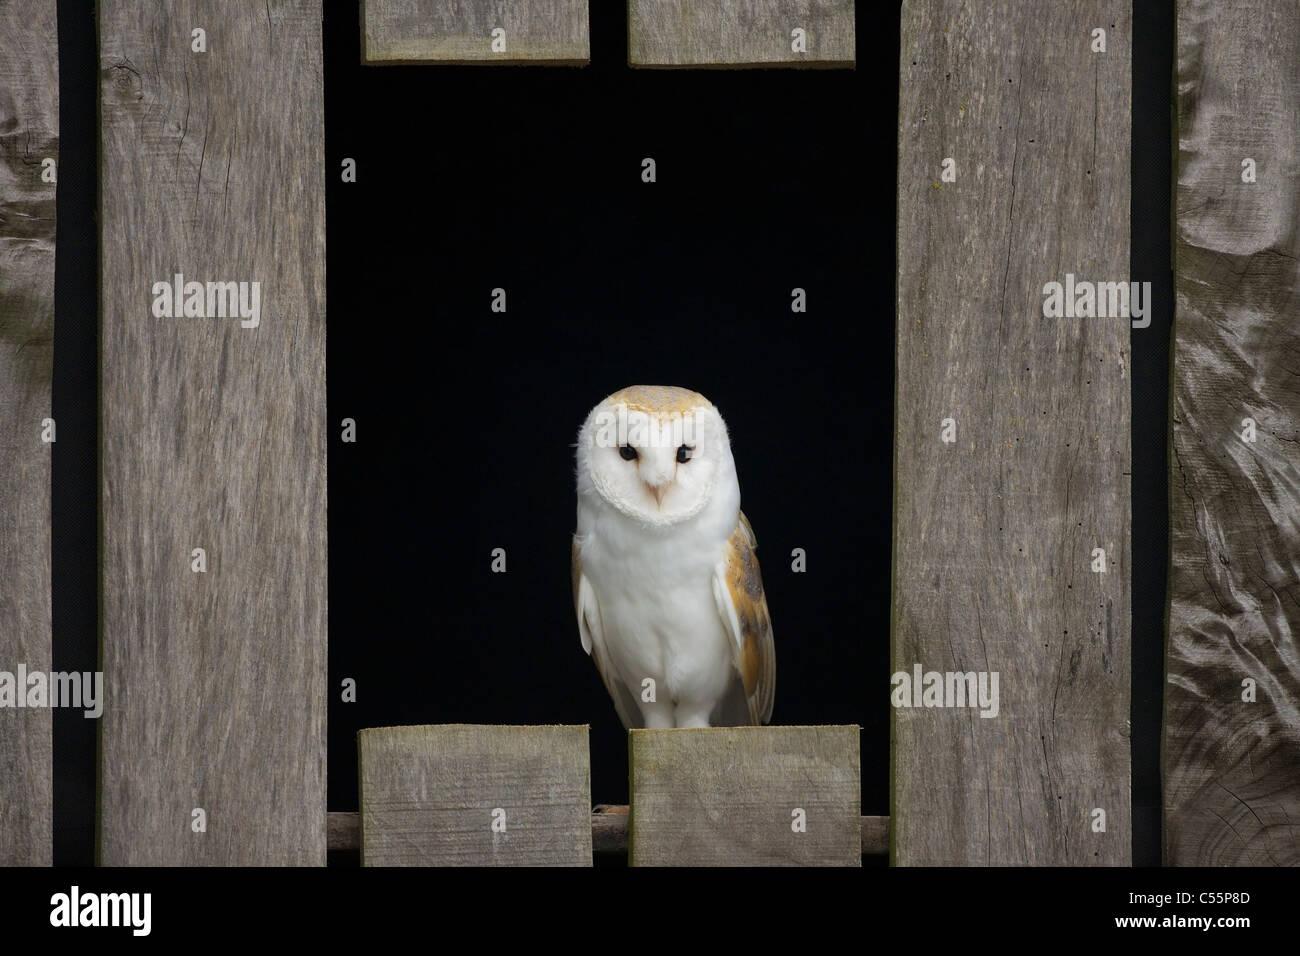 Effraie des clochers (Tyto alba) perché sur une planche, Gloucestershire, Angleterre Banque D'Images